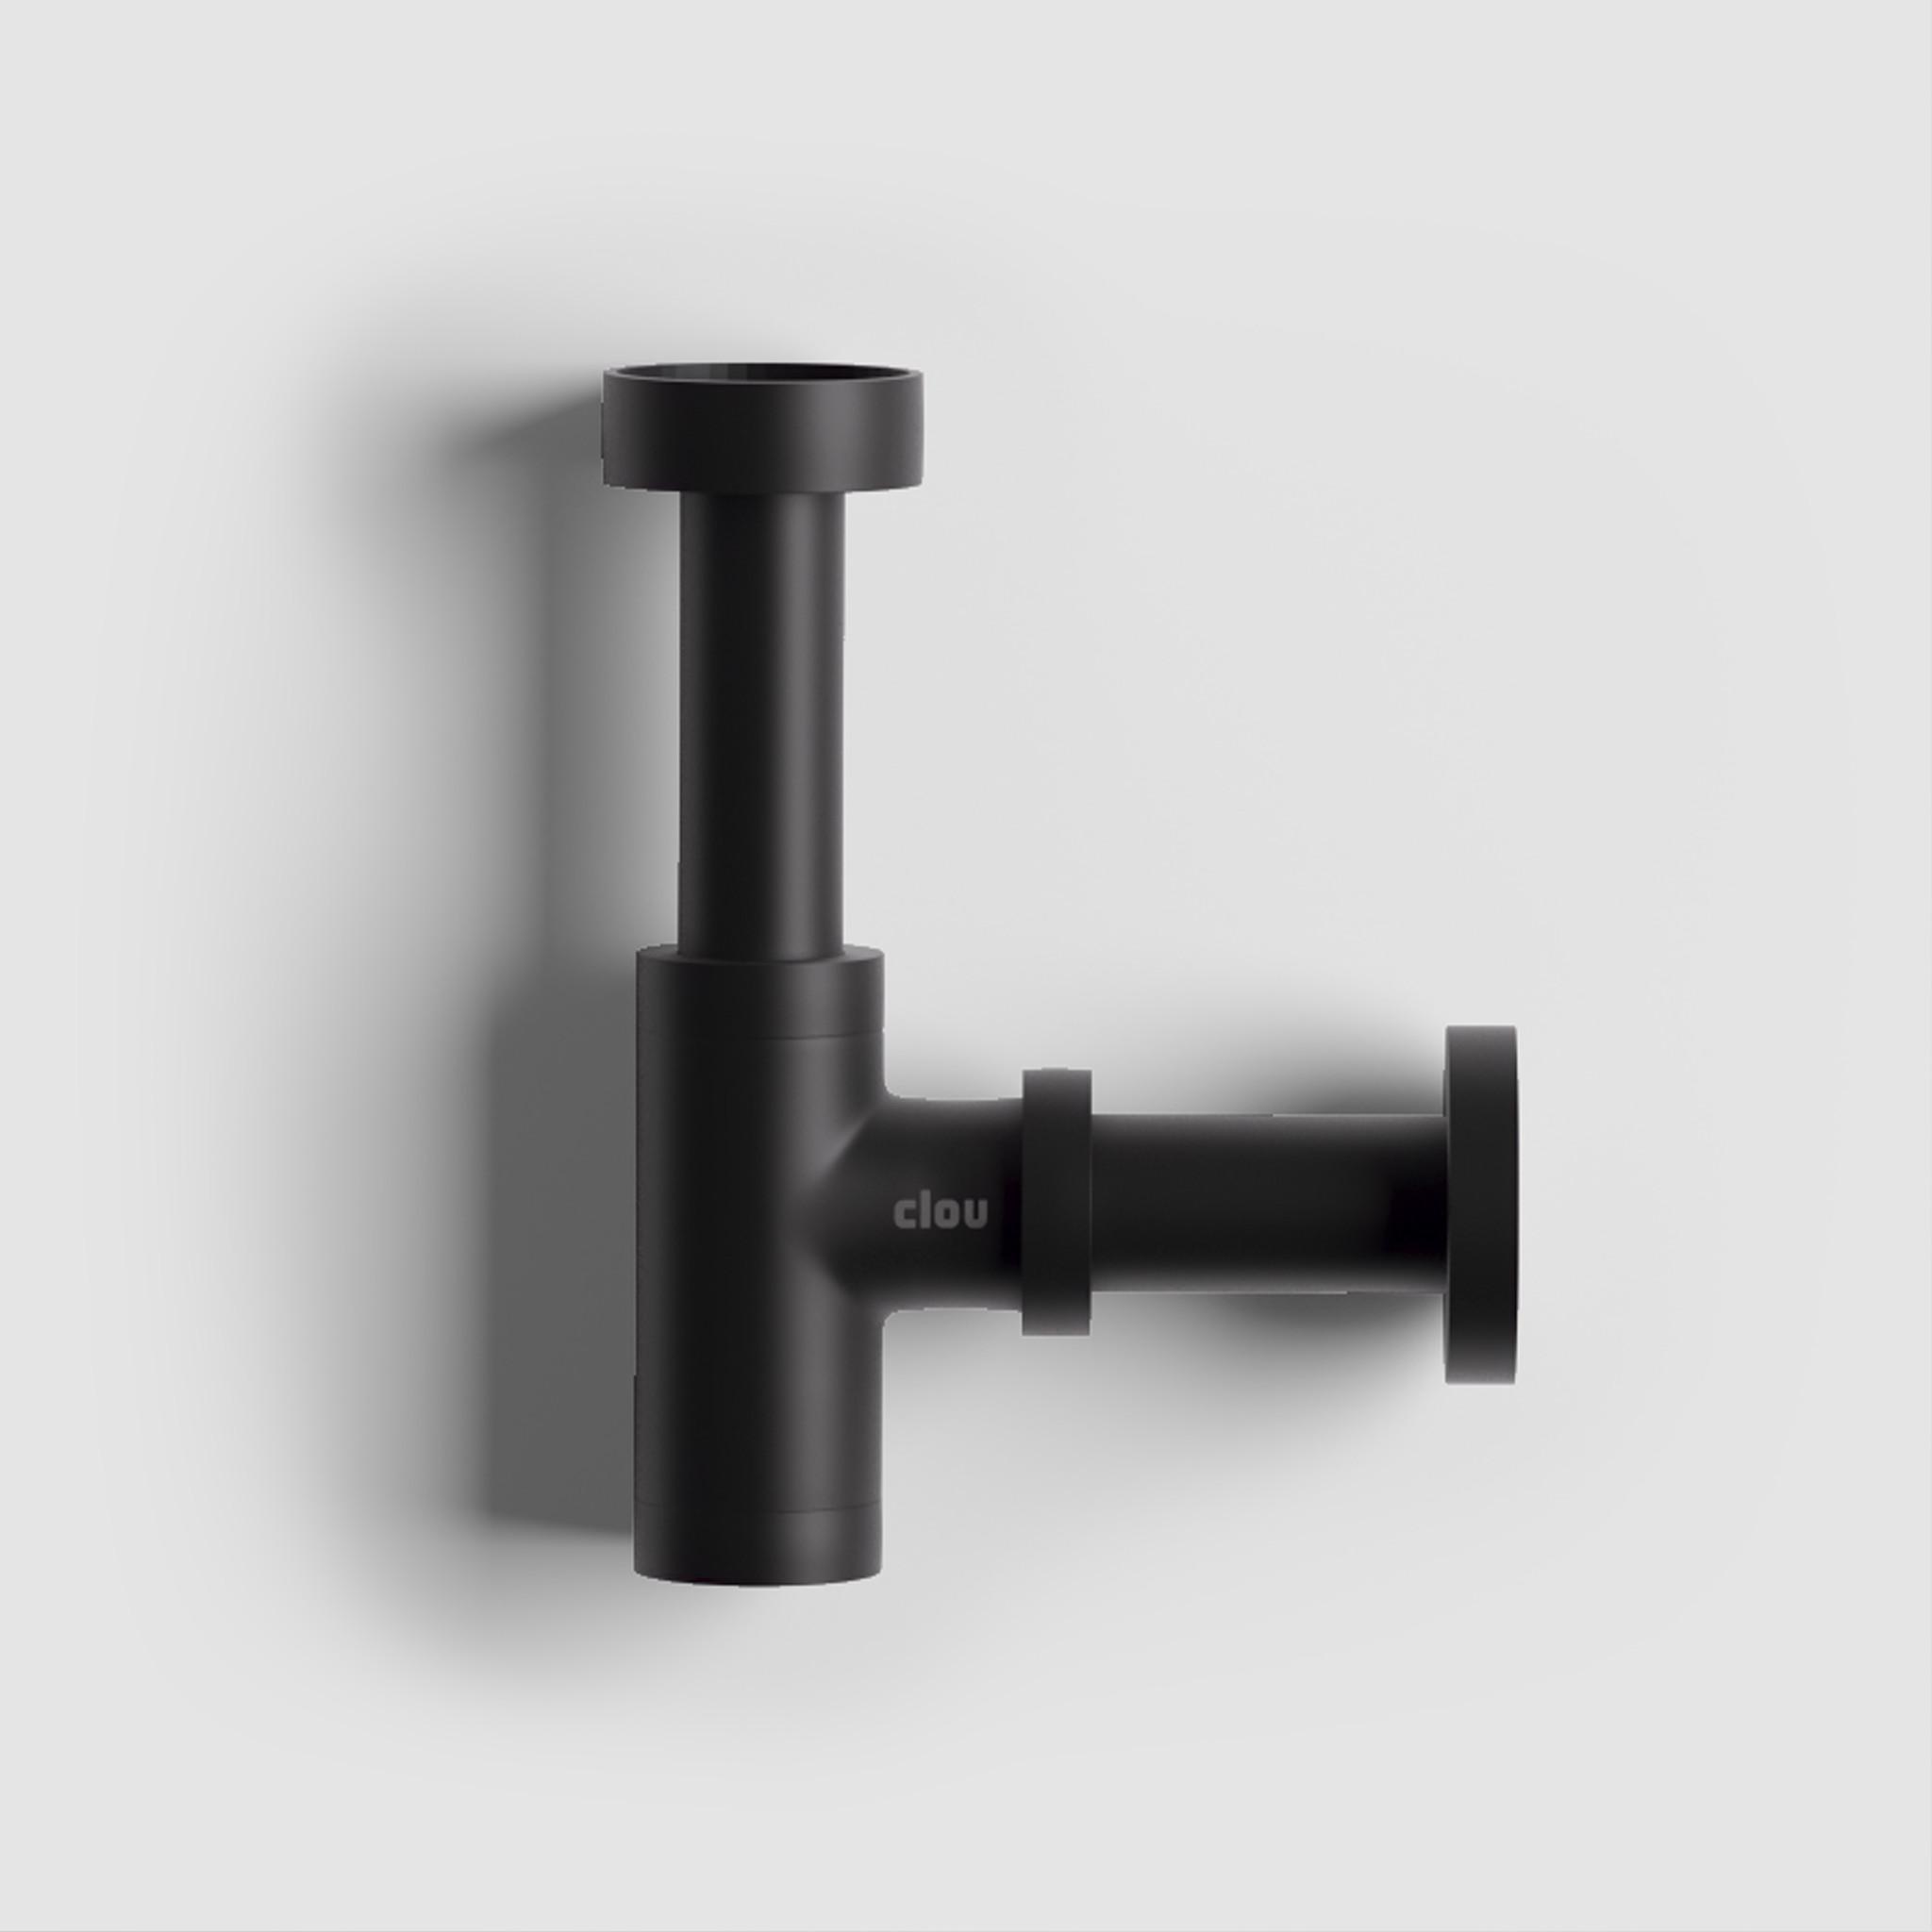 Minisuk siphon pour lave-mains